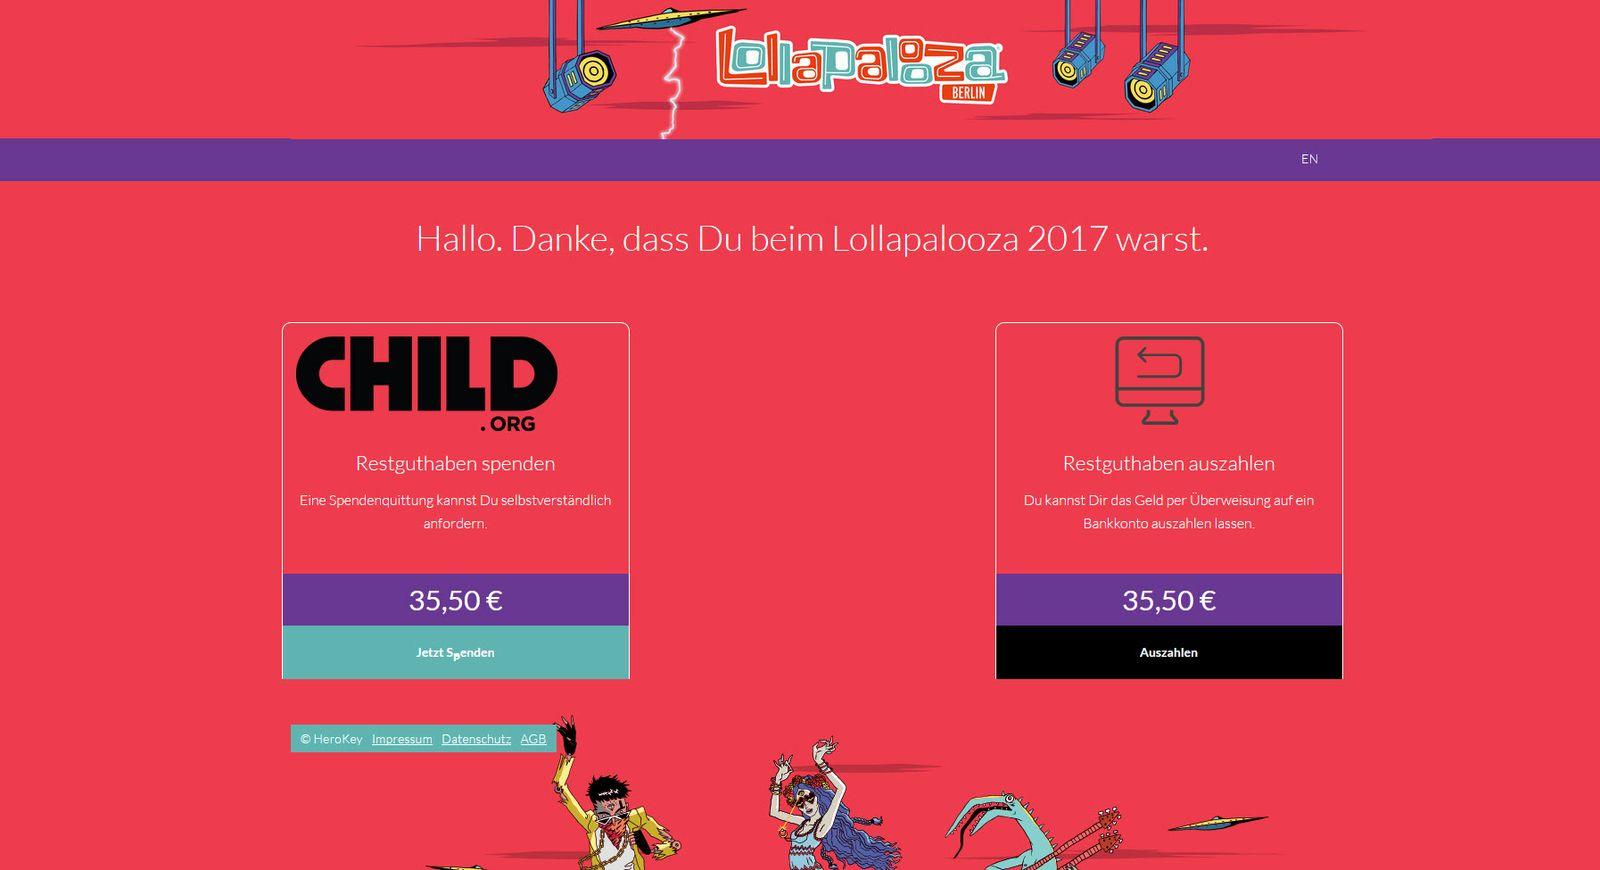 NUR ALS ZITAT Screenshot Lollapalooza 2017